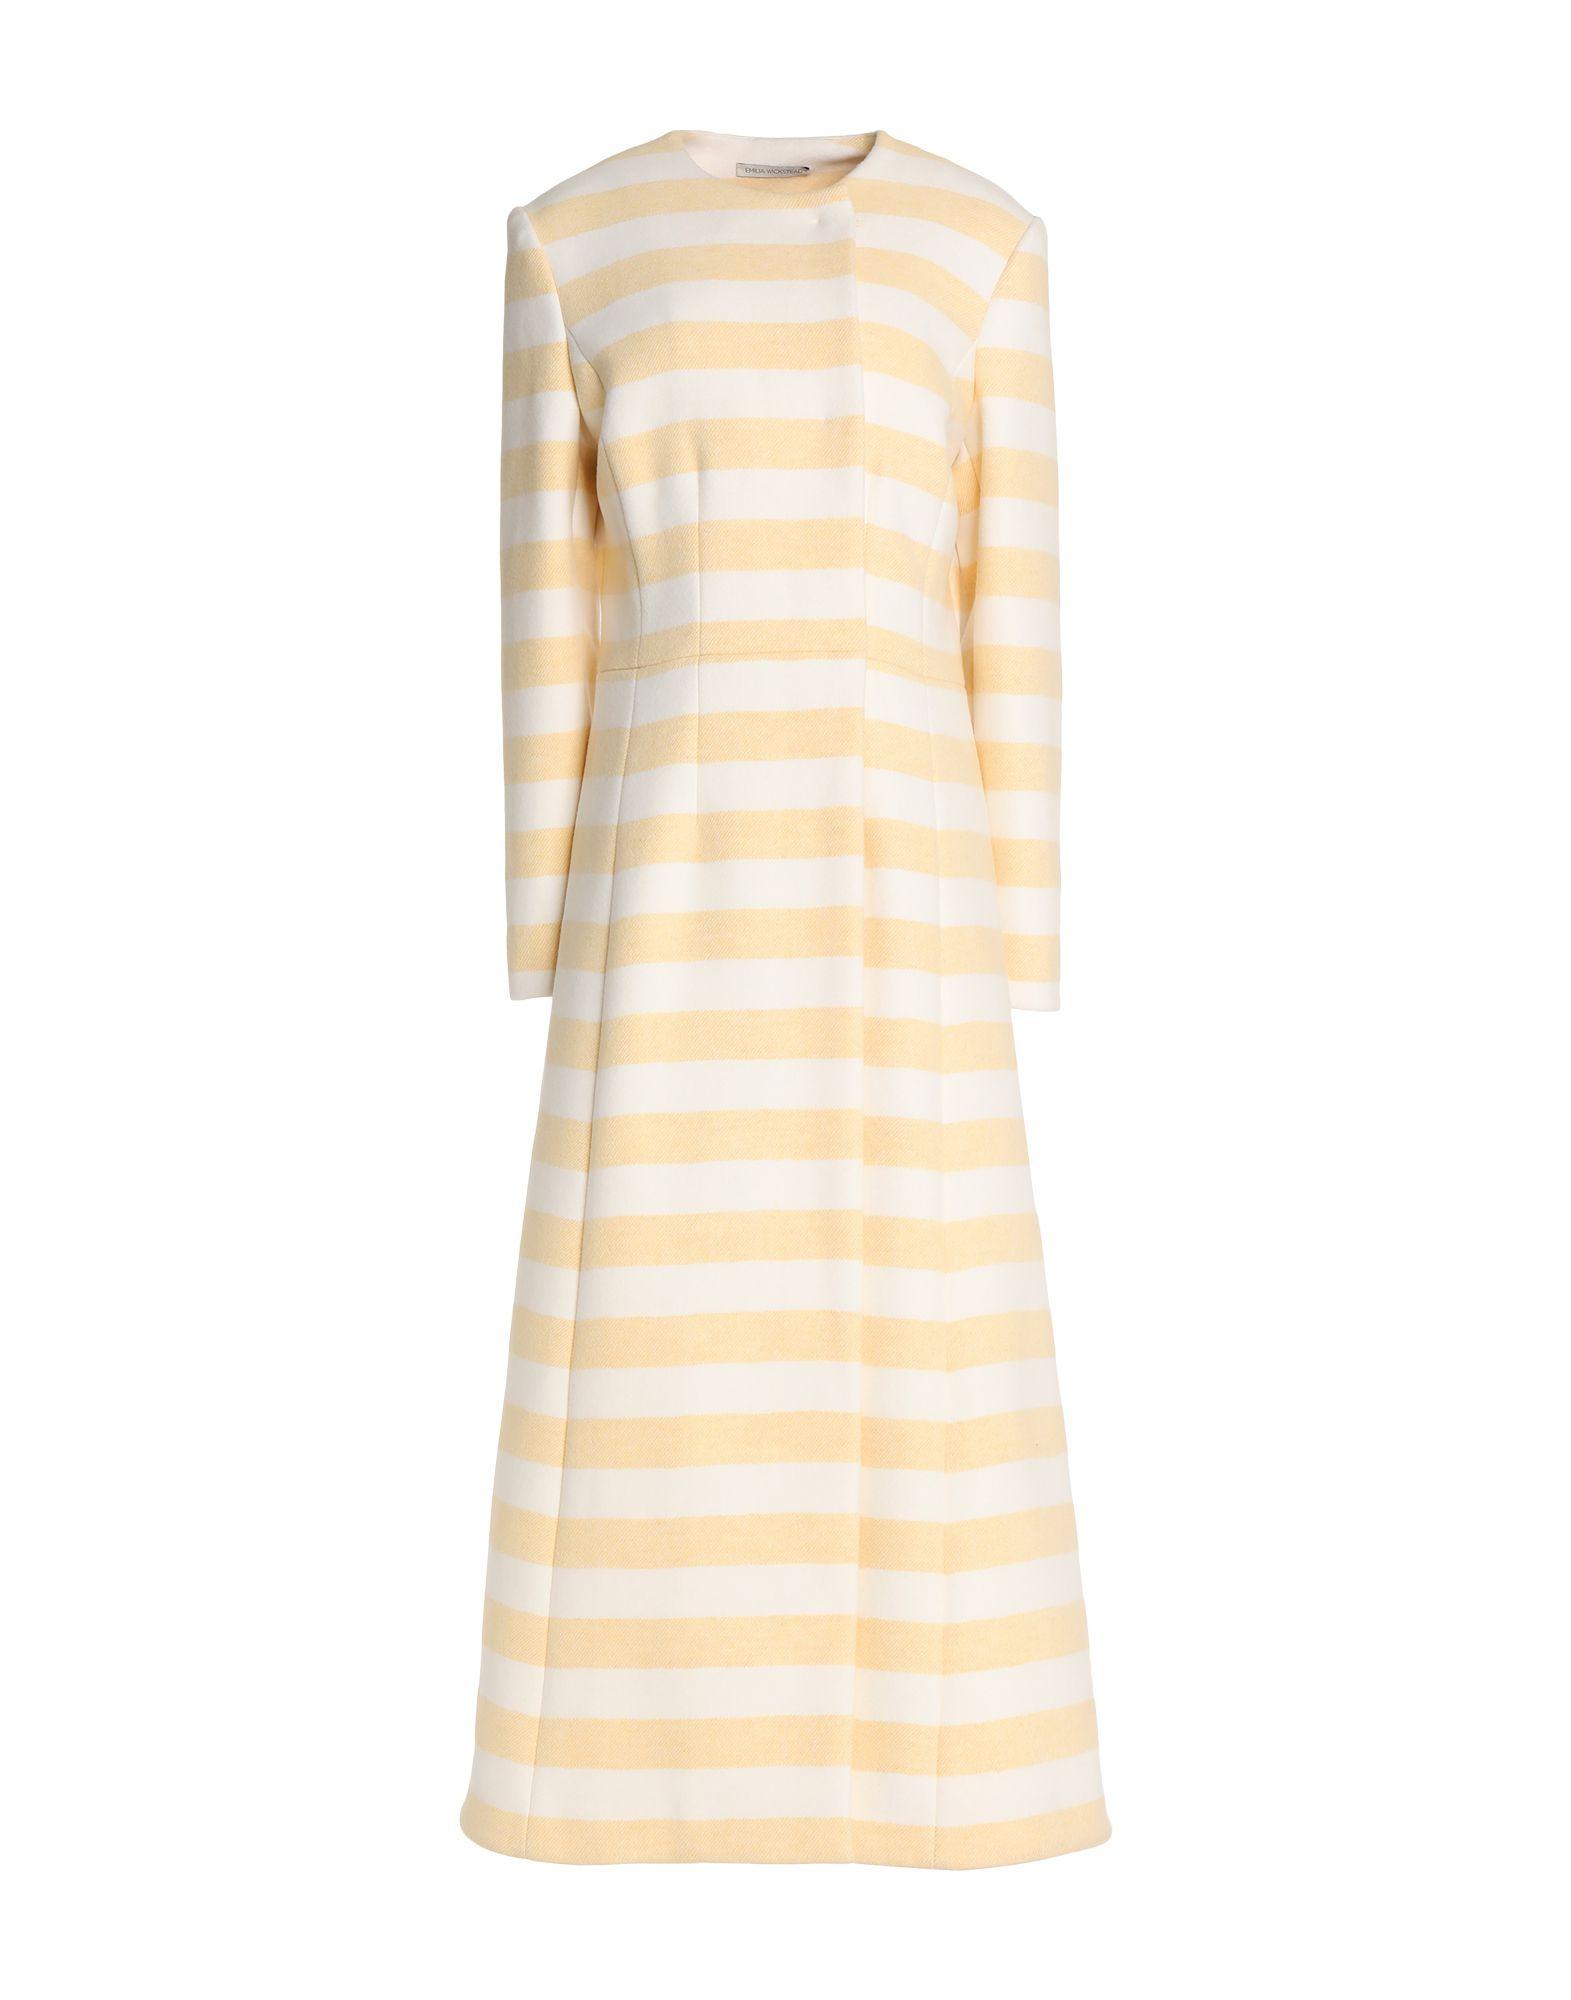 EMILIA WICKSTEAD Пальто 2016 осенью дамы сукно slim шерстяные пальто в длинные пальто